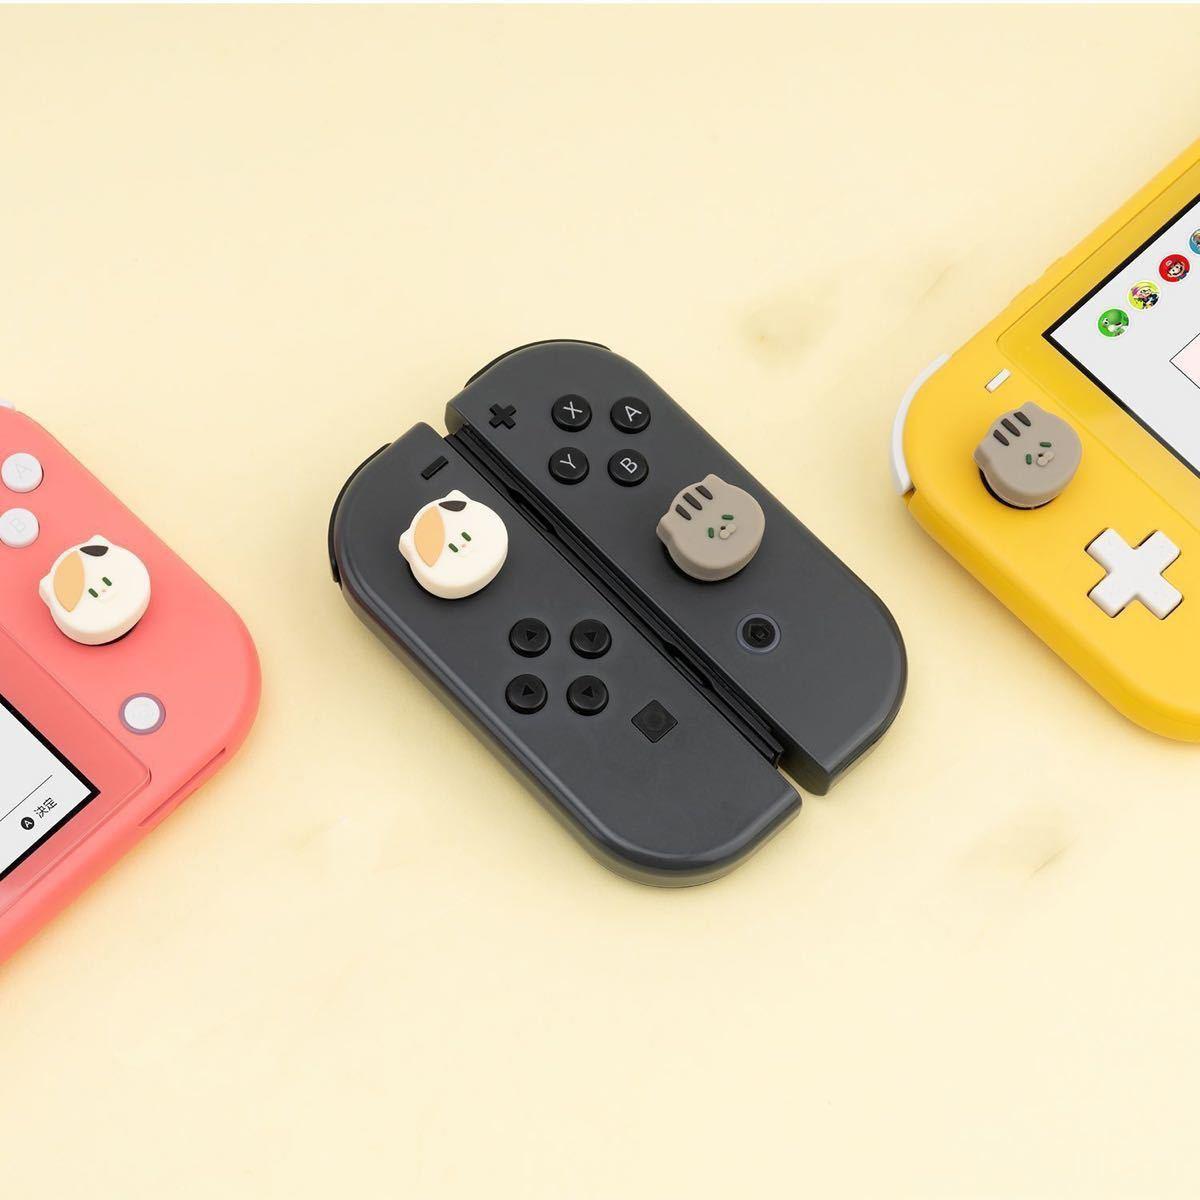 任天堂switch/switch liteジョイコンアナログスティックカバー4個セット ニンテンドースイッチJoy-Con保護